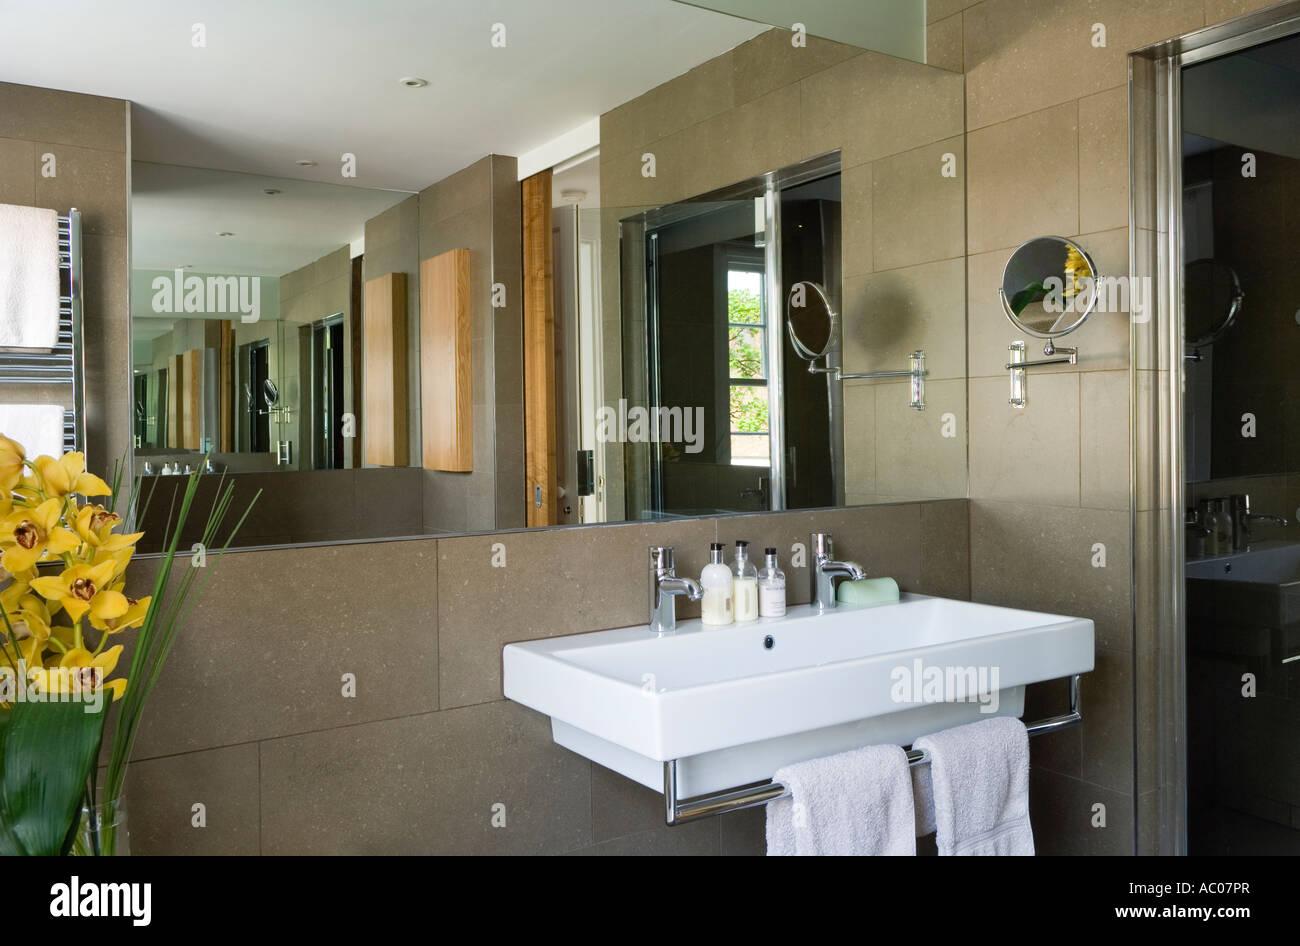 Lavandino in bagno modernista con un grande specchio e piastrelle